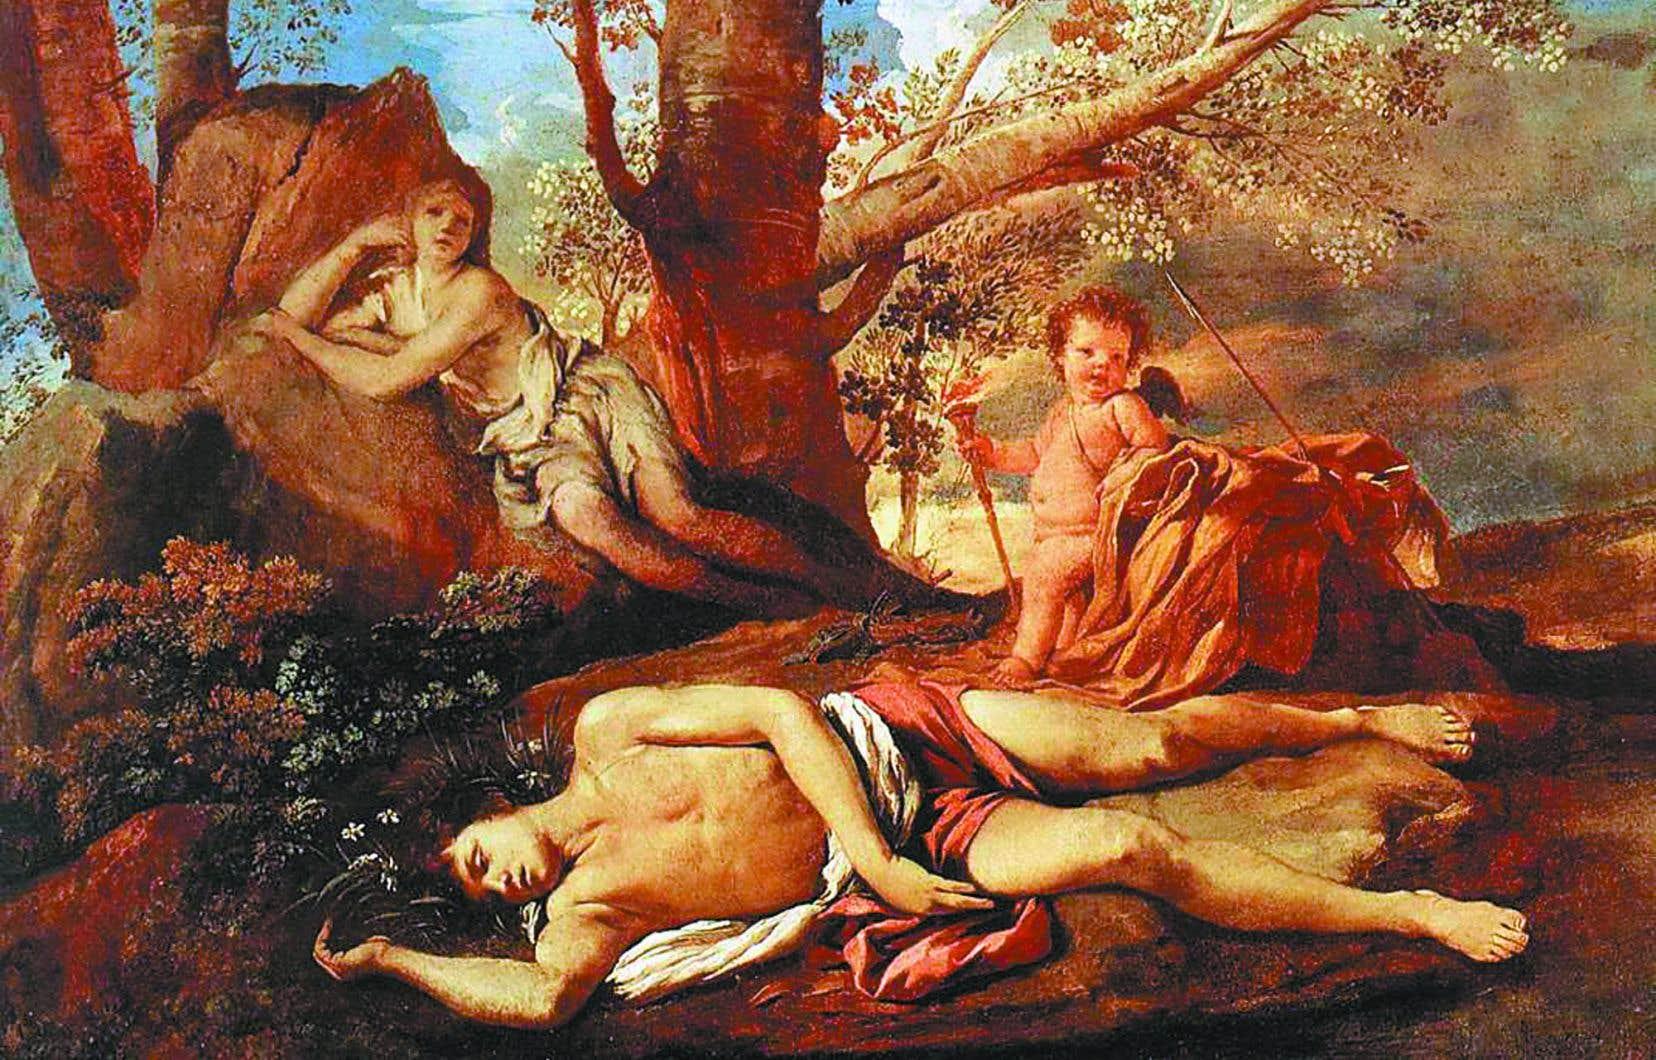 «Écho et Narcisse», une toile de Nicolas Poussin datant de 1630